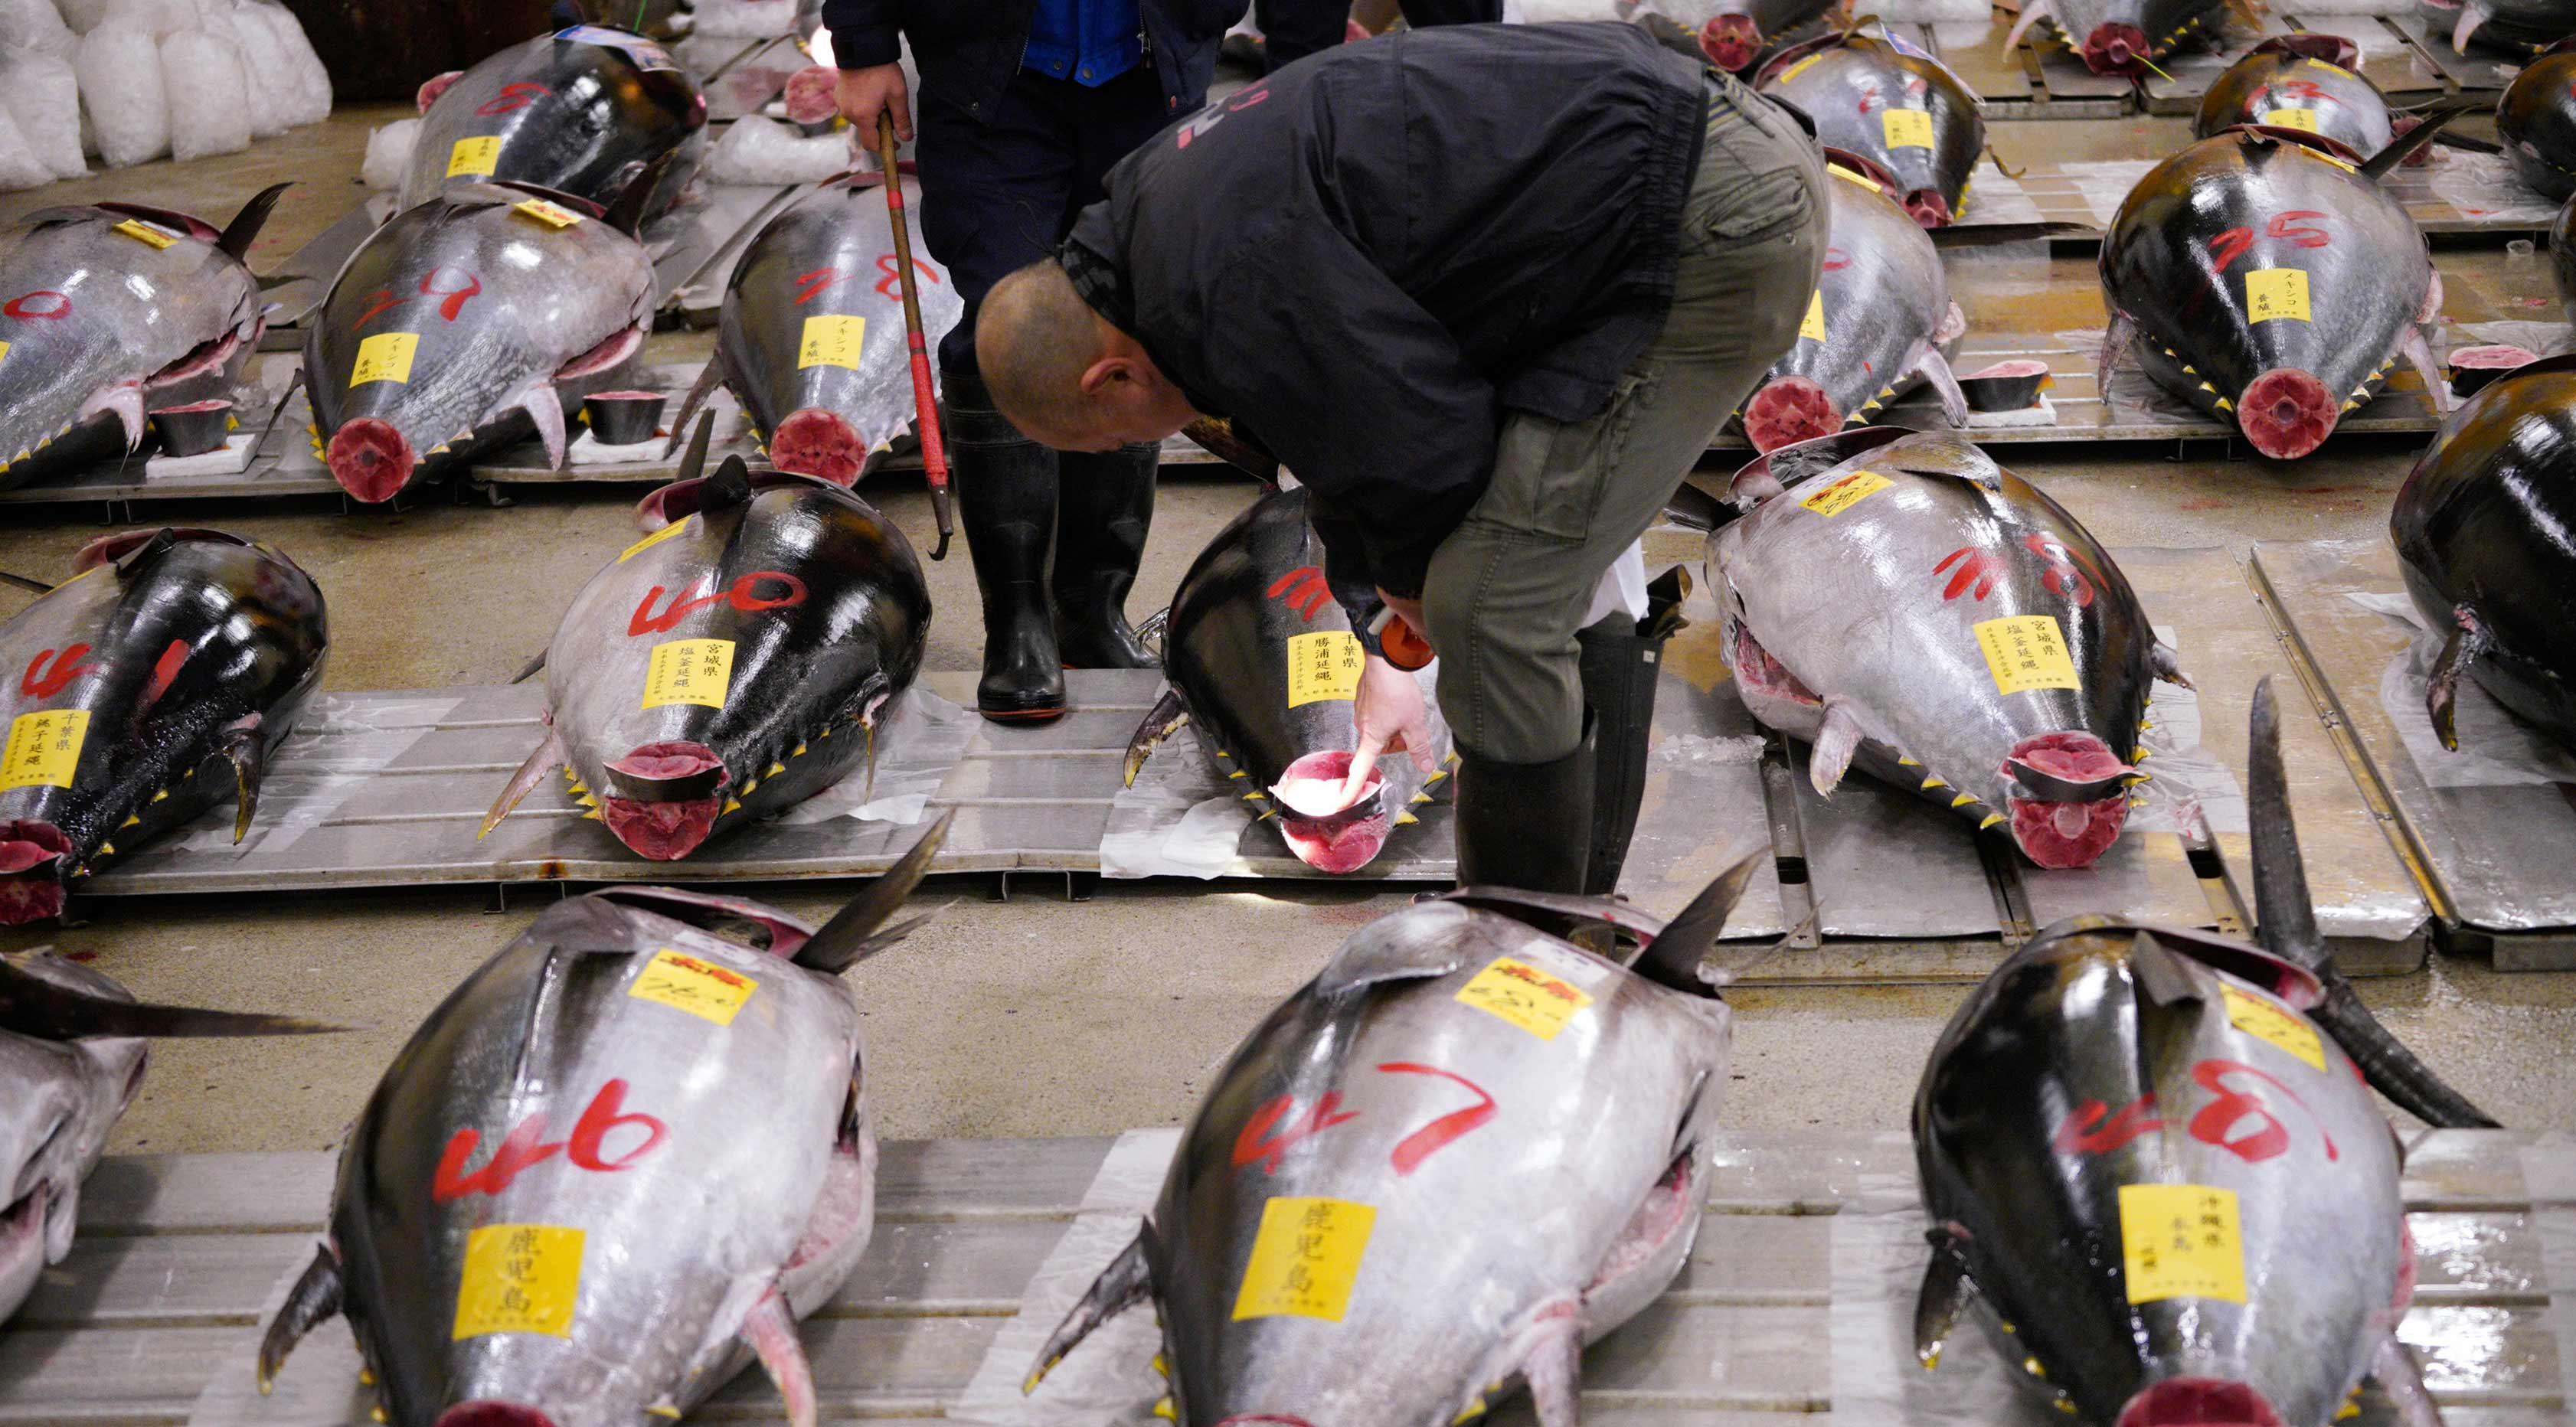 Calon pembeli memeriksa kualitas ikan tuna segar sebelum pelelangan pertama tahun ini di pasar ikan Tsukiji di Tokyo (5/1). Presiden LEOC Co, Hiroshi Onodera, yang mengelola bisnis restoran sushi memenangkan tawaran lelang ini. (AP Photo / Eugene Hoshiko)